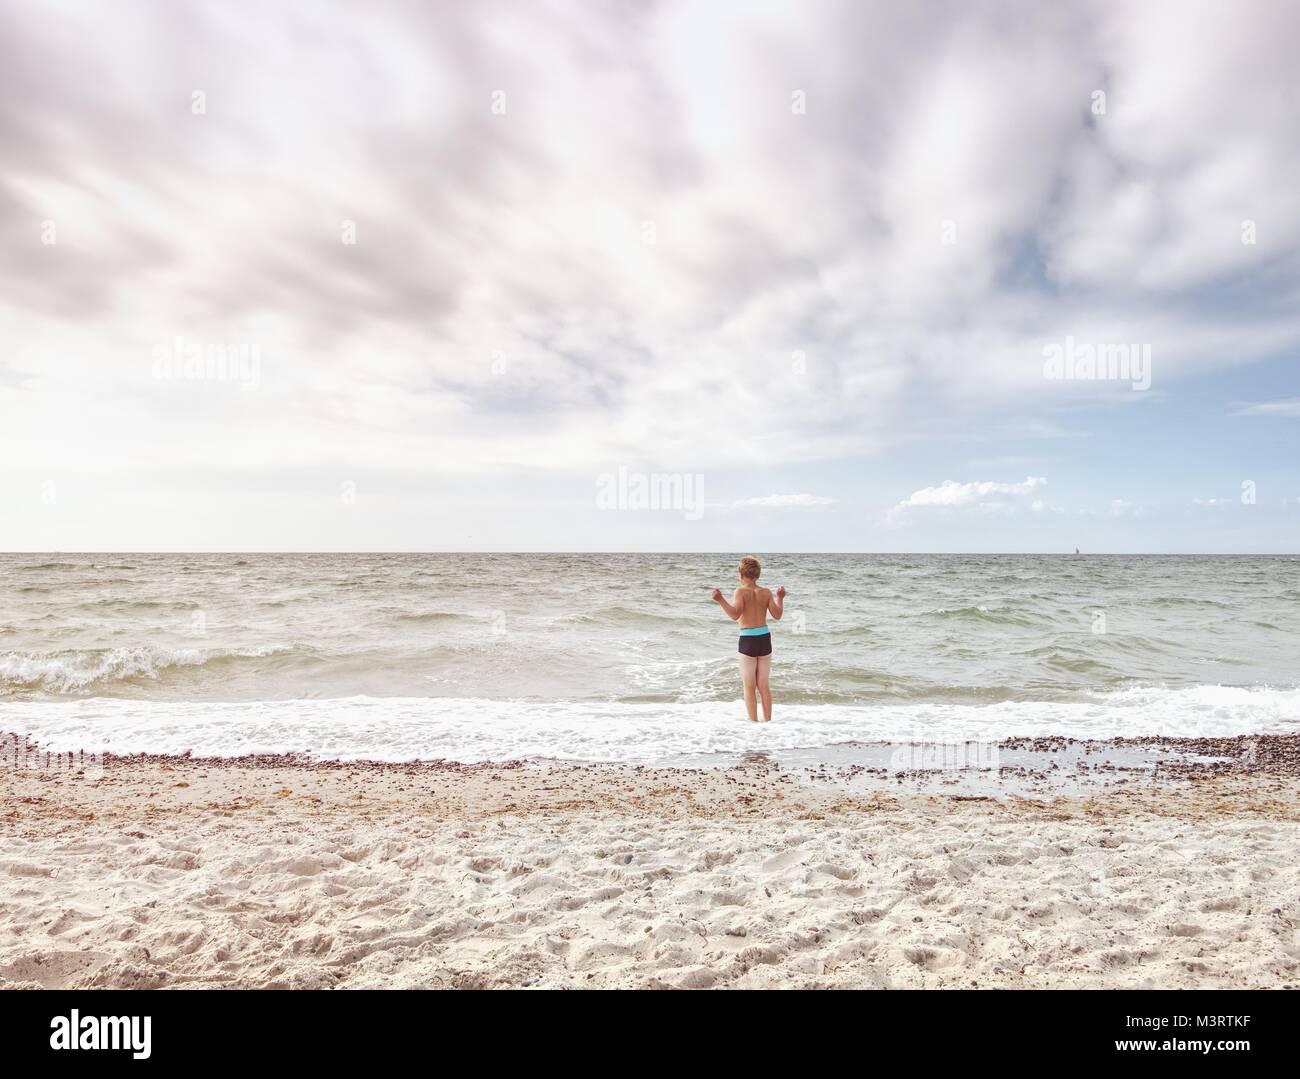 Menino de cabelos loiros permanecer no mar frio maré. Garoto sobre stony praia com ondas espumosas. Dia ventoso, Imagens de Stock